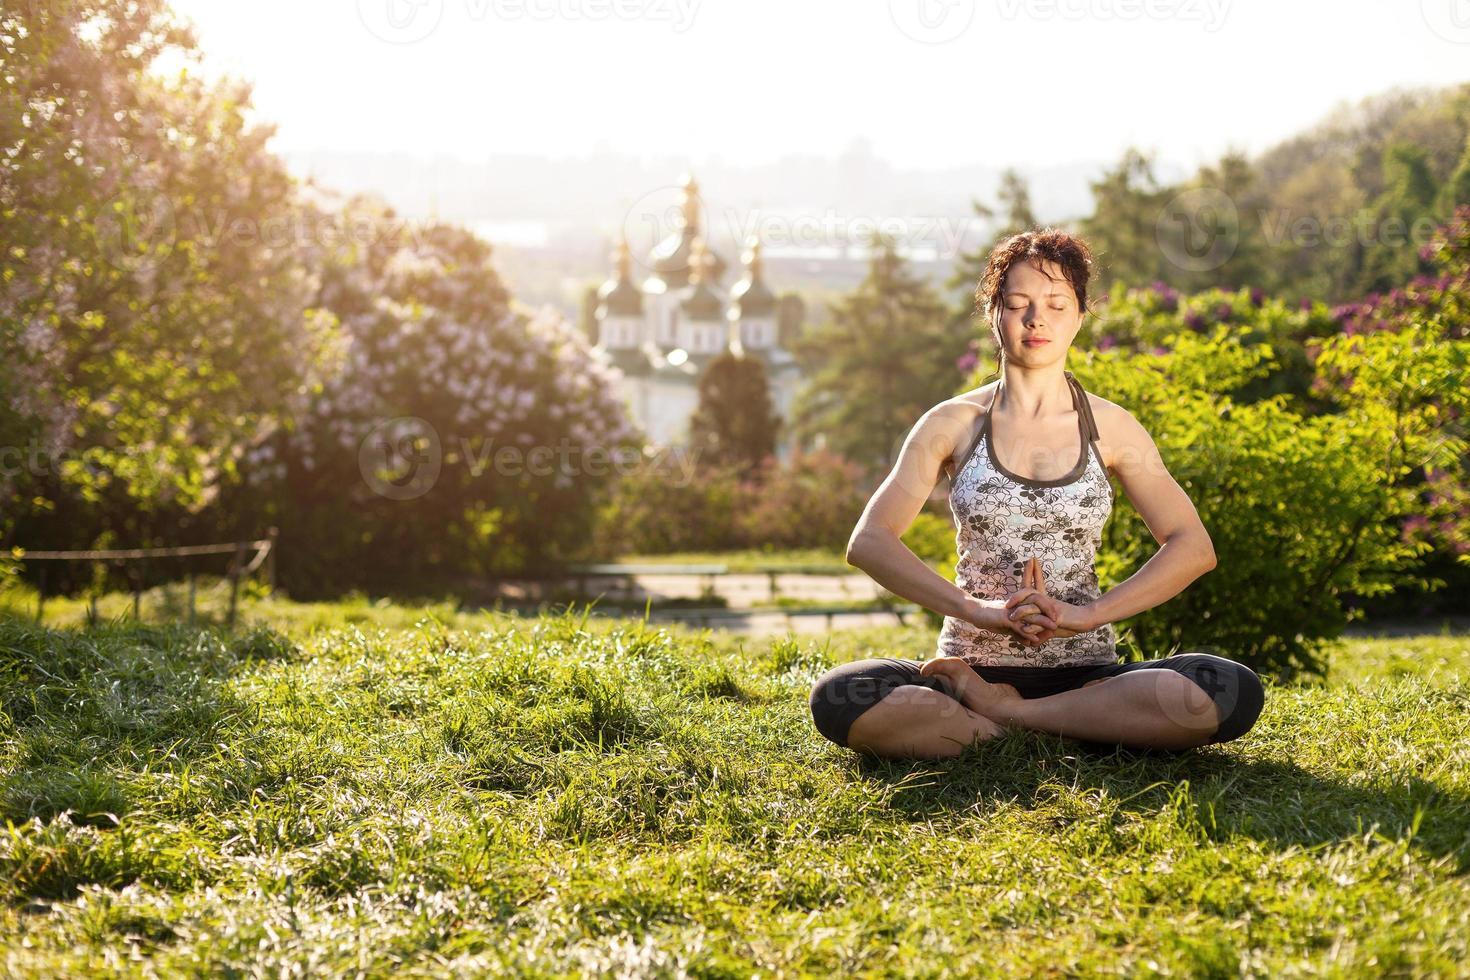 giovane donna che medita nella posizione di loto all'aperto foto